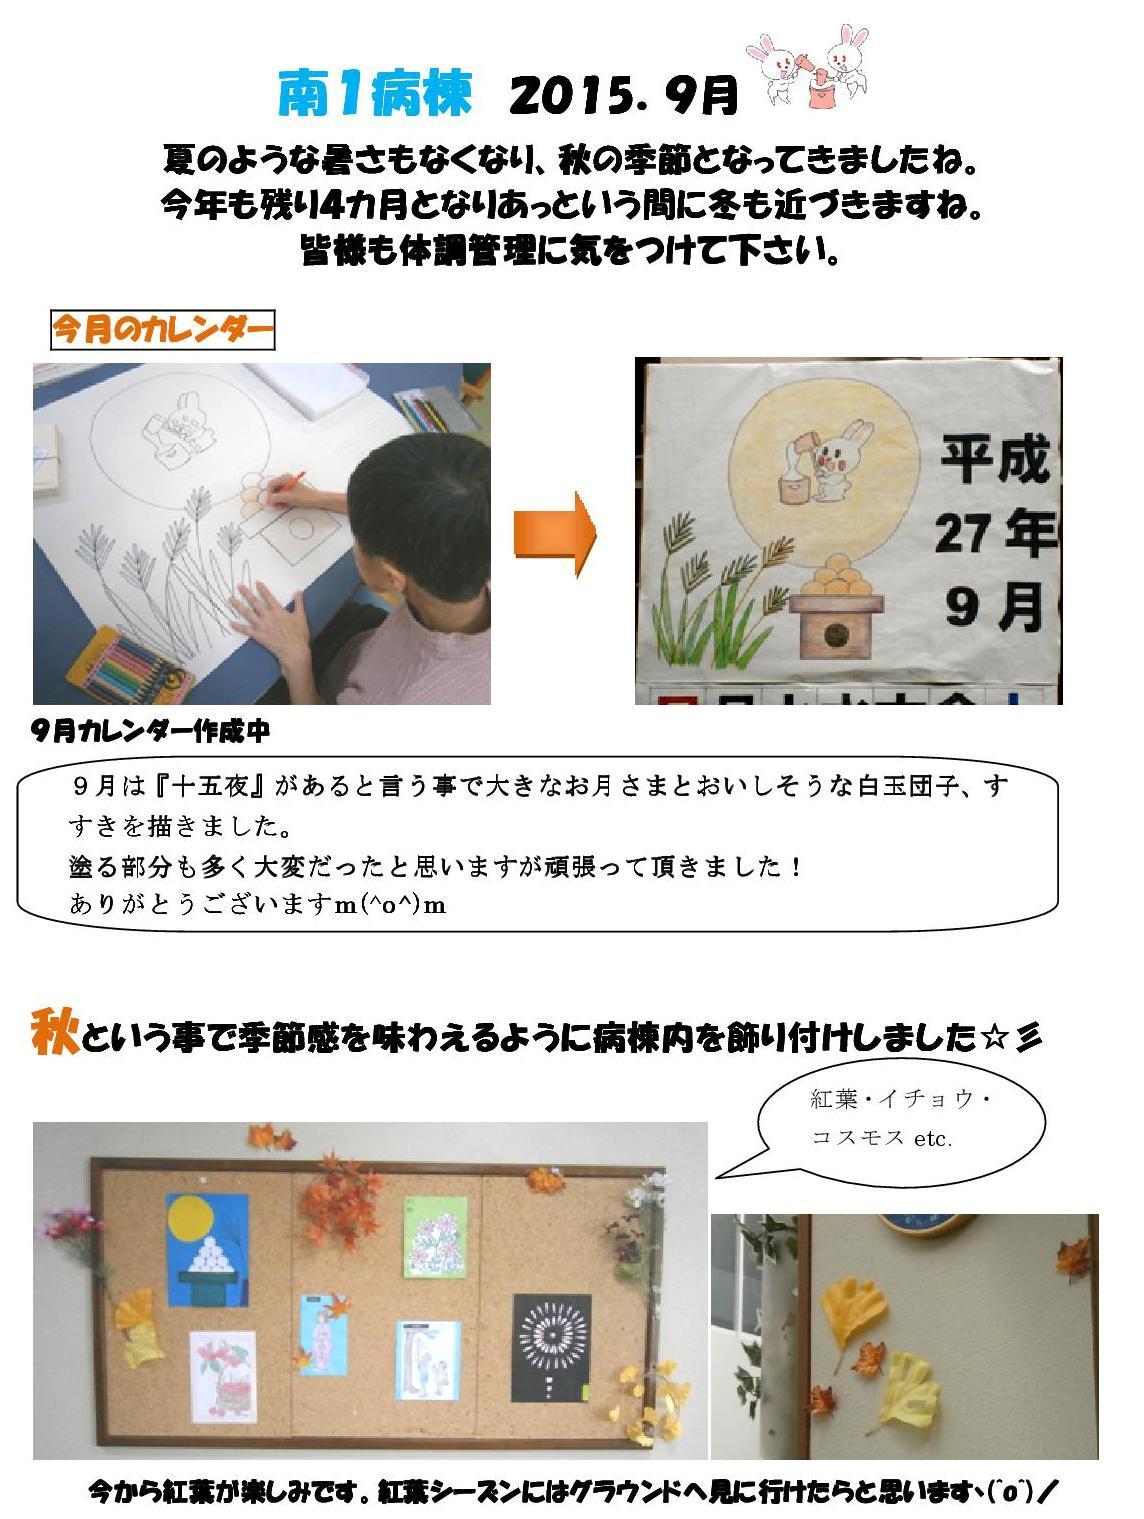 minami1_working_201509